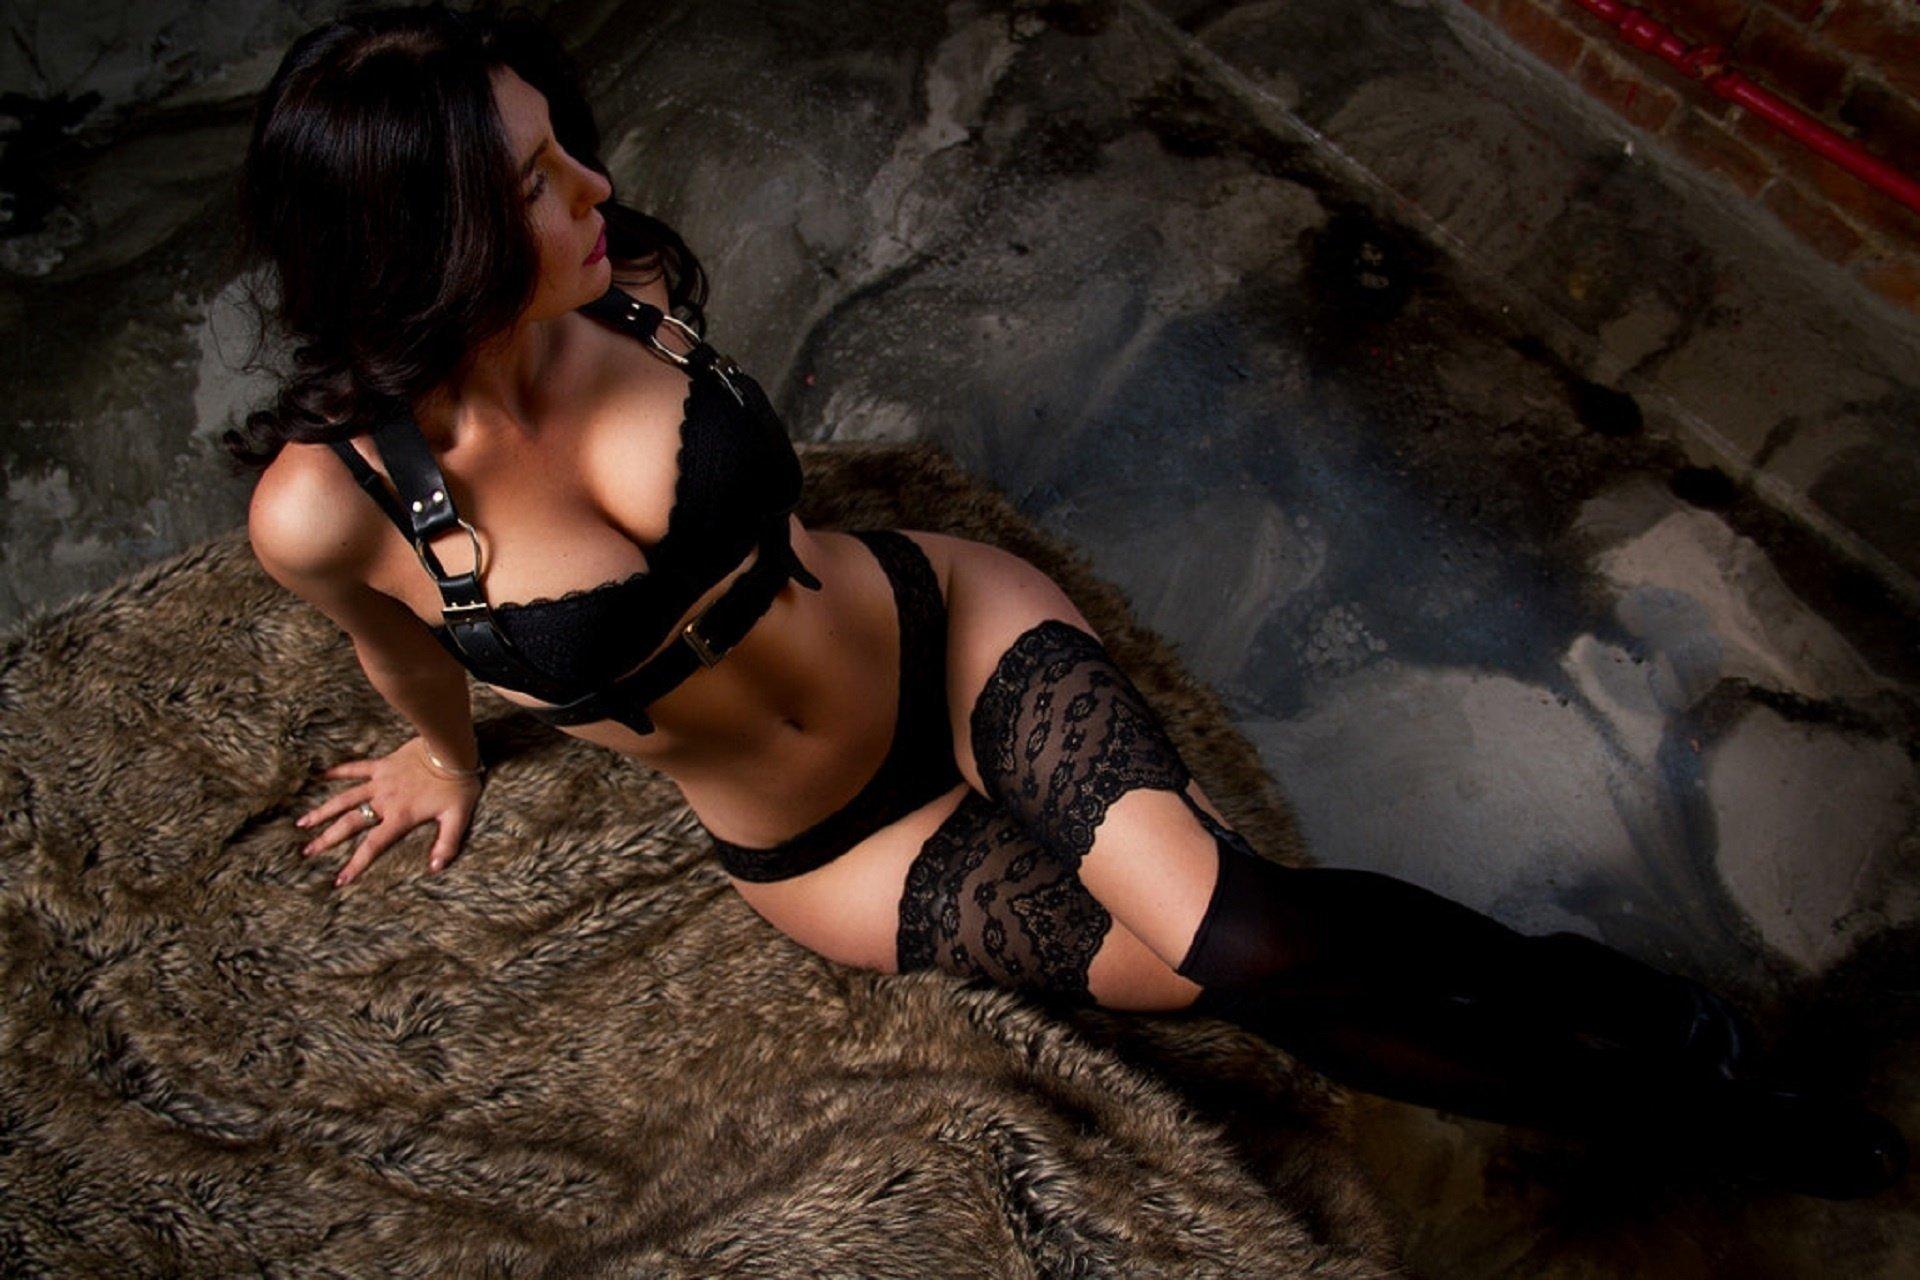 Индивидуалки фото тела проститутка тэя